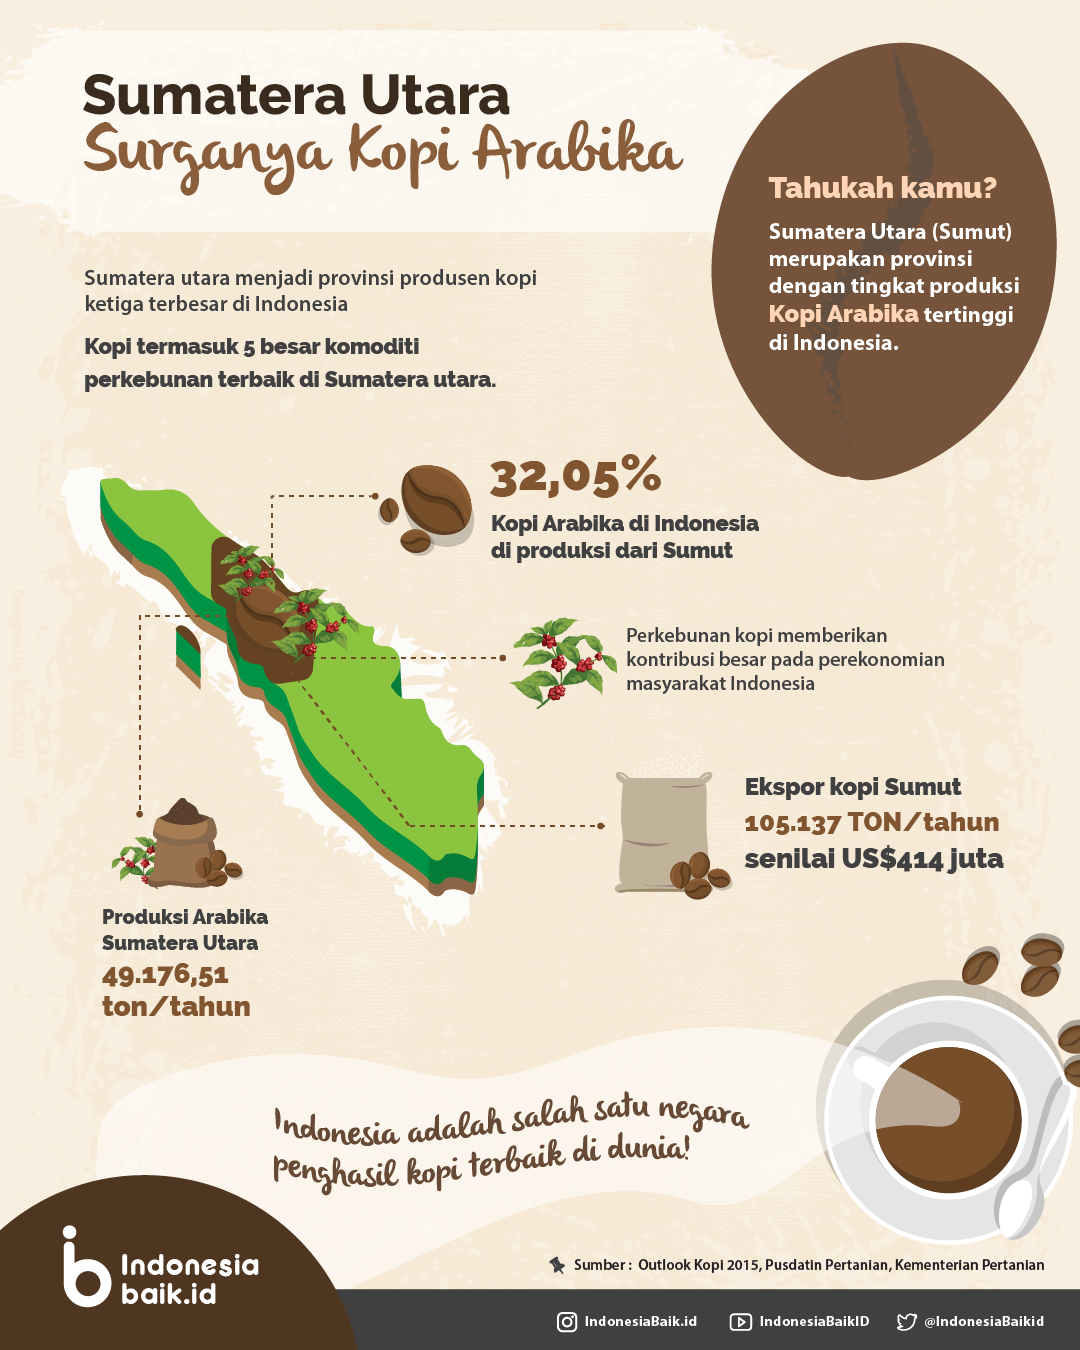 Sumatera Utara, Surganya Kopi Arabika